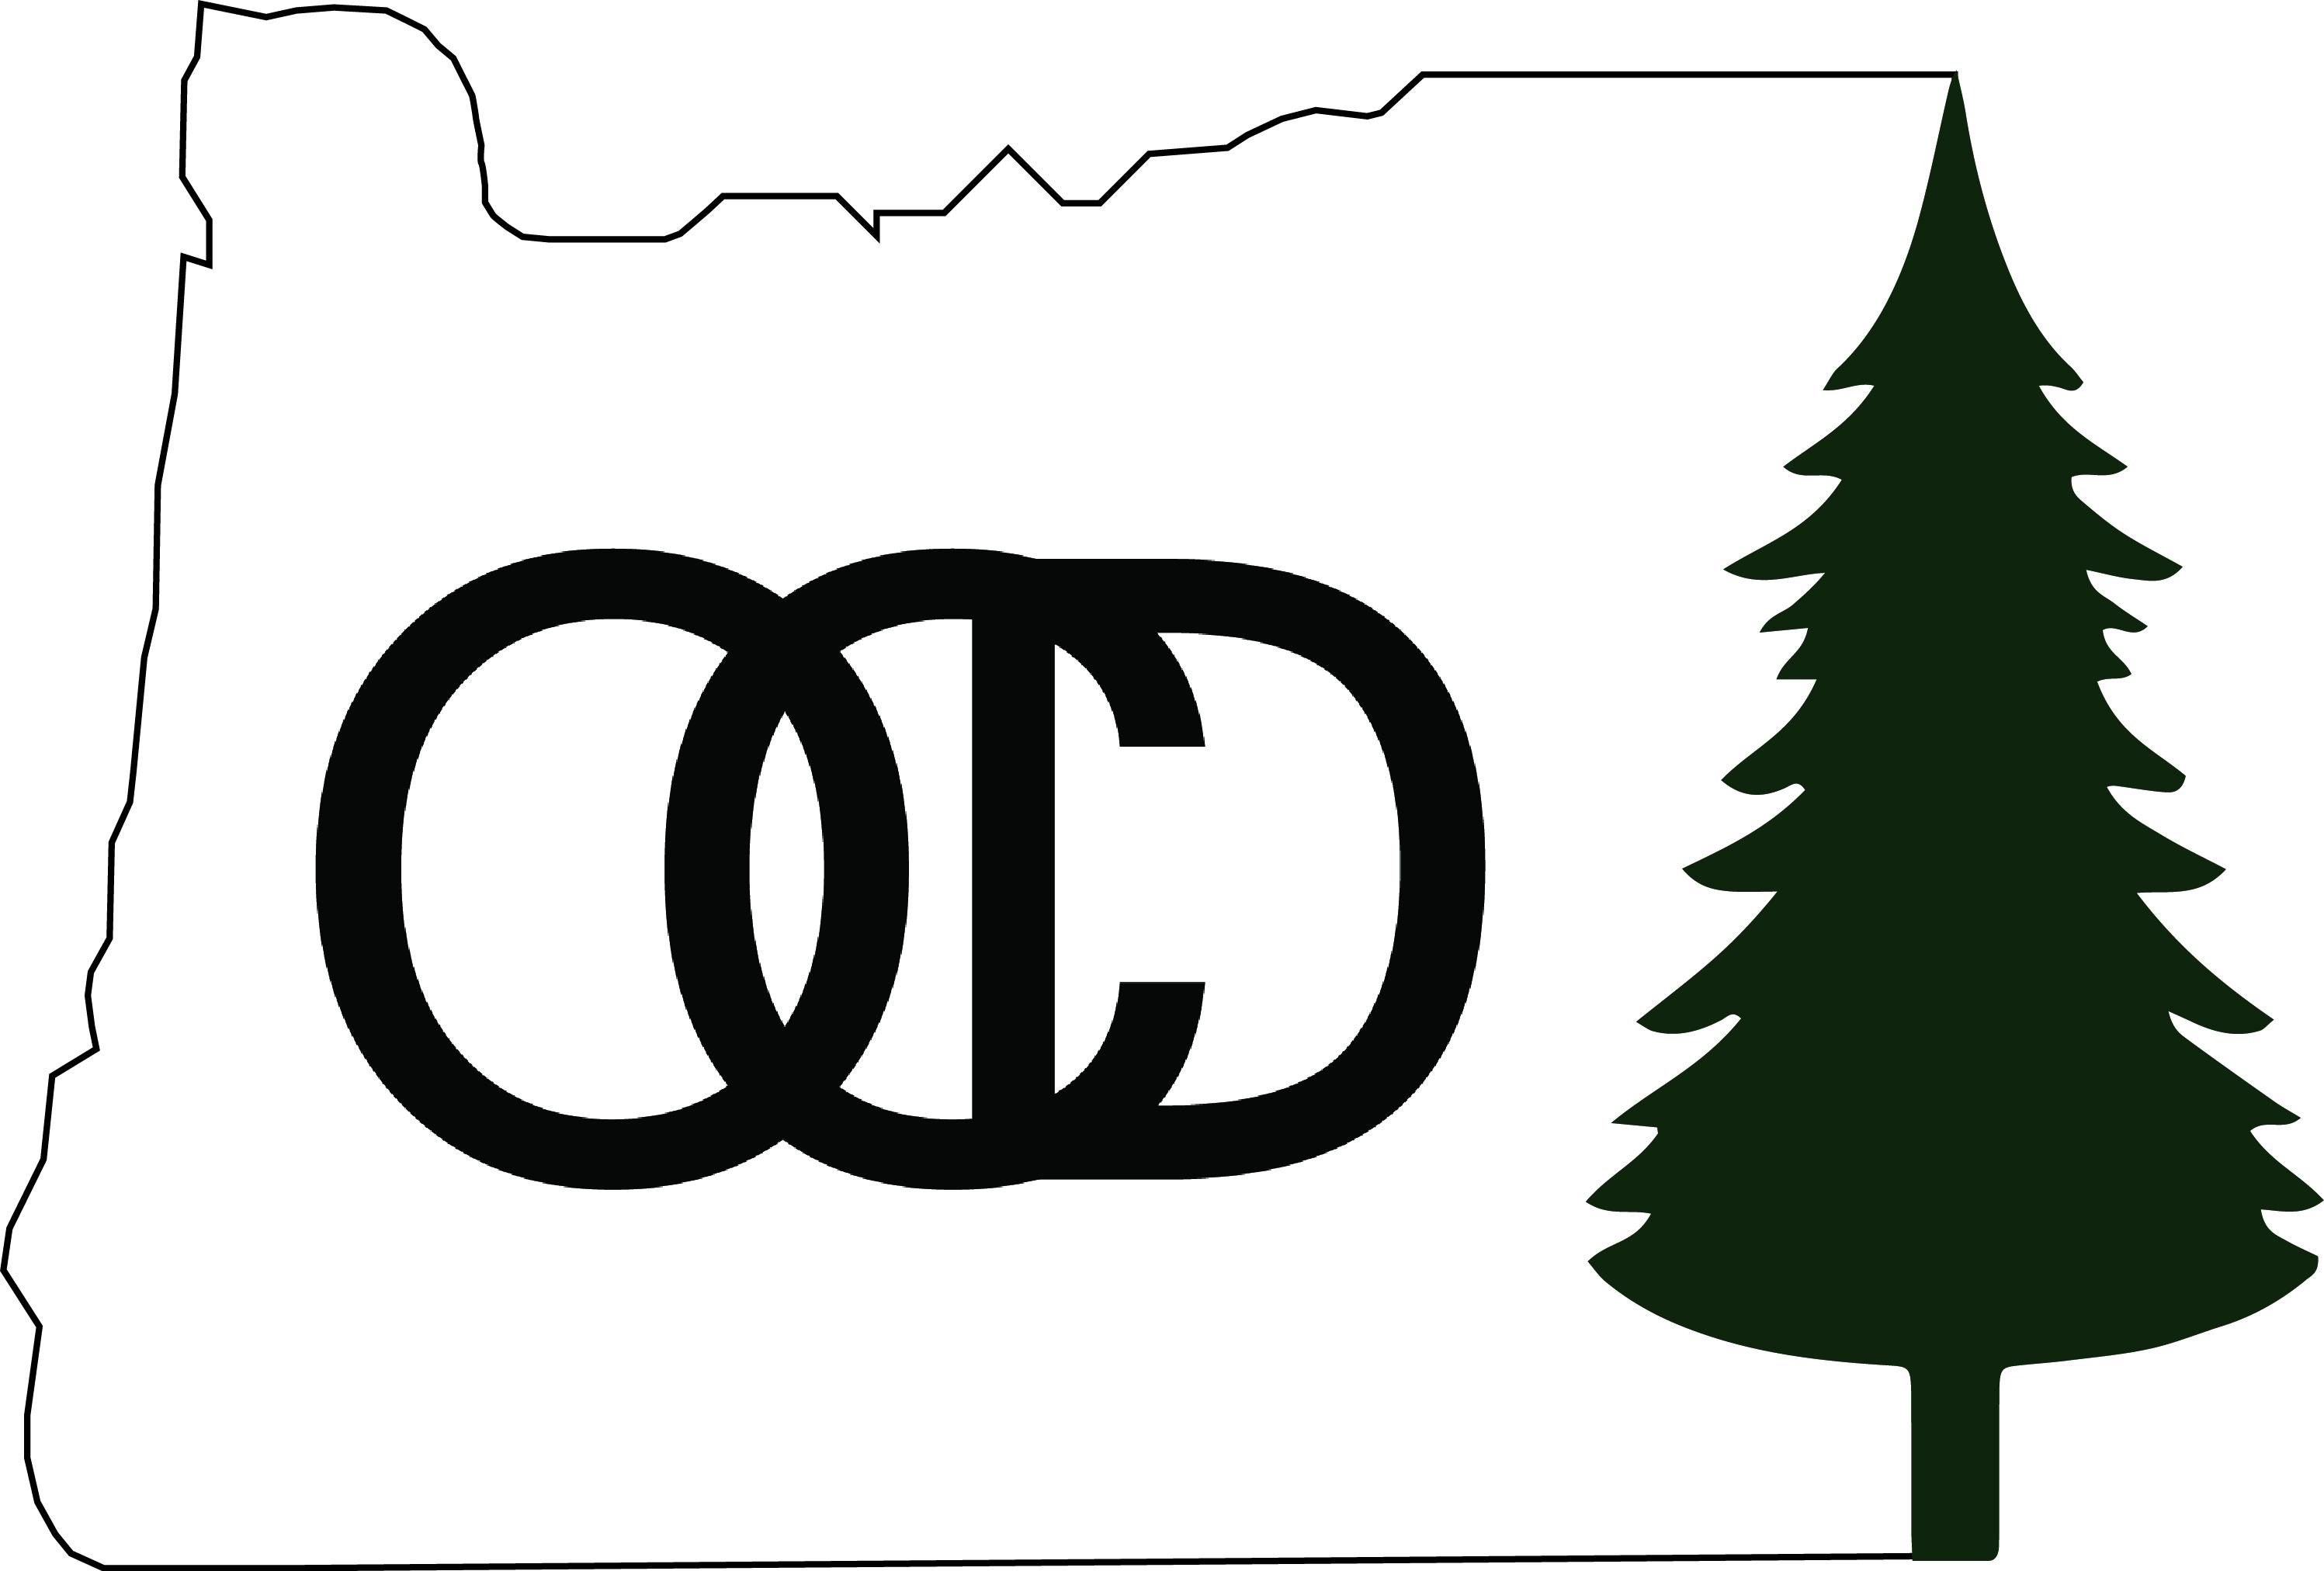 Nerves clipart ocd International Overcome non Obsessive (OCDOregon